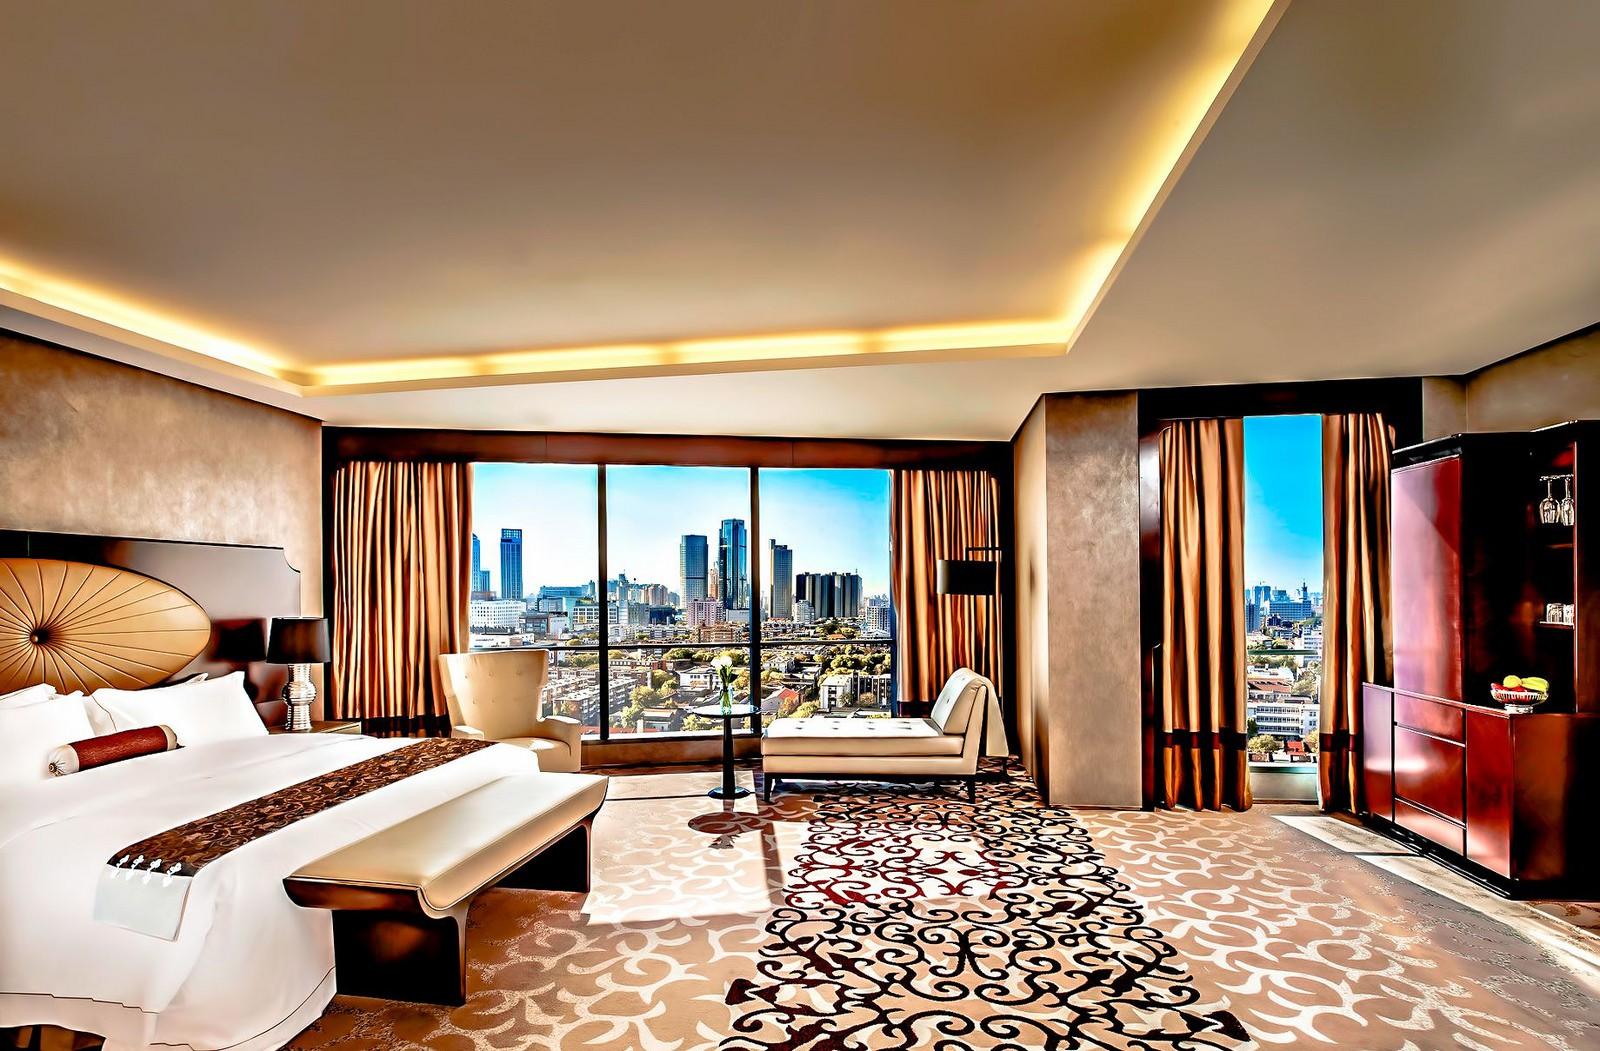 """<a href""""https://www.flickr.com/photos/eddy1/35122003496""""> The St Regis Luxury Hotel © Eddy 1/Flickr</a>"""